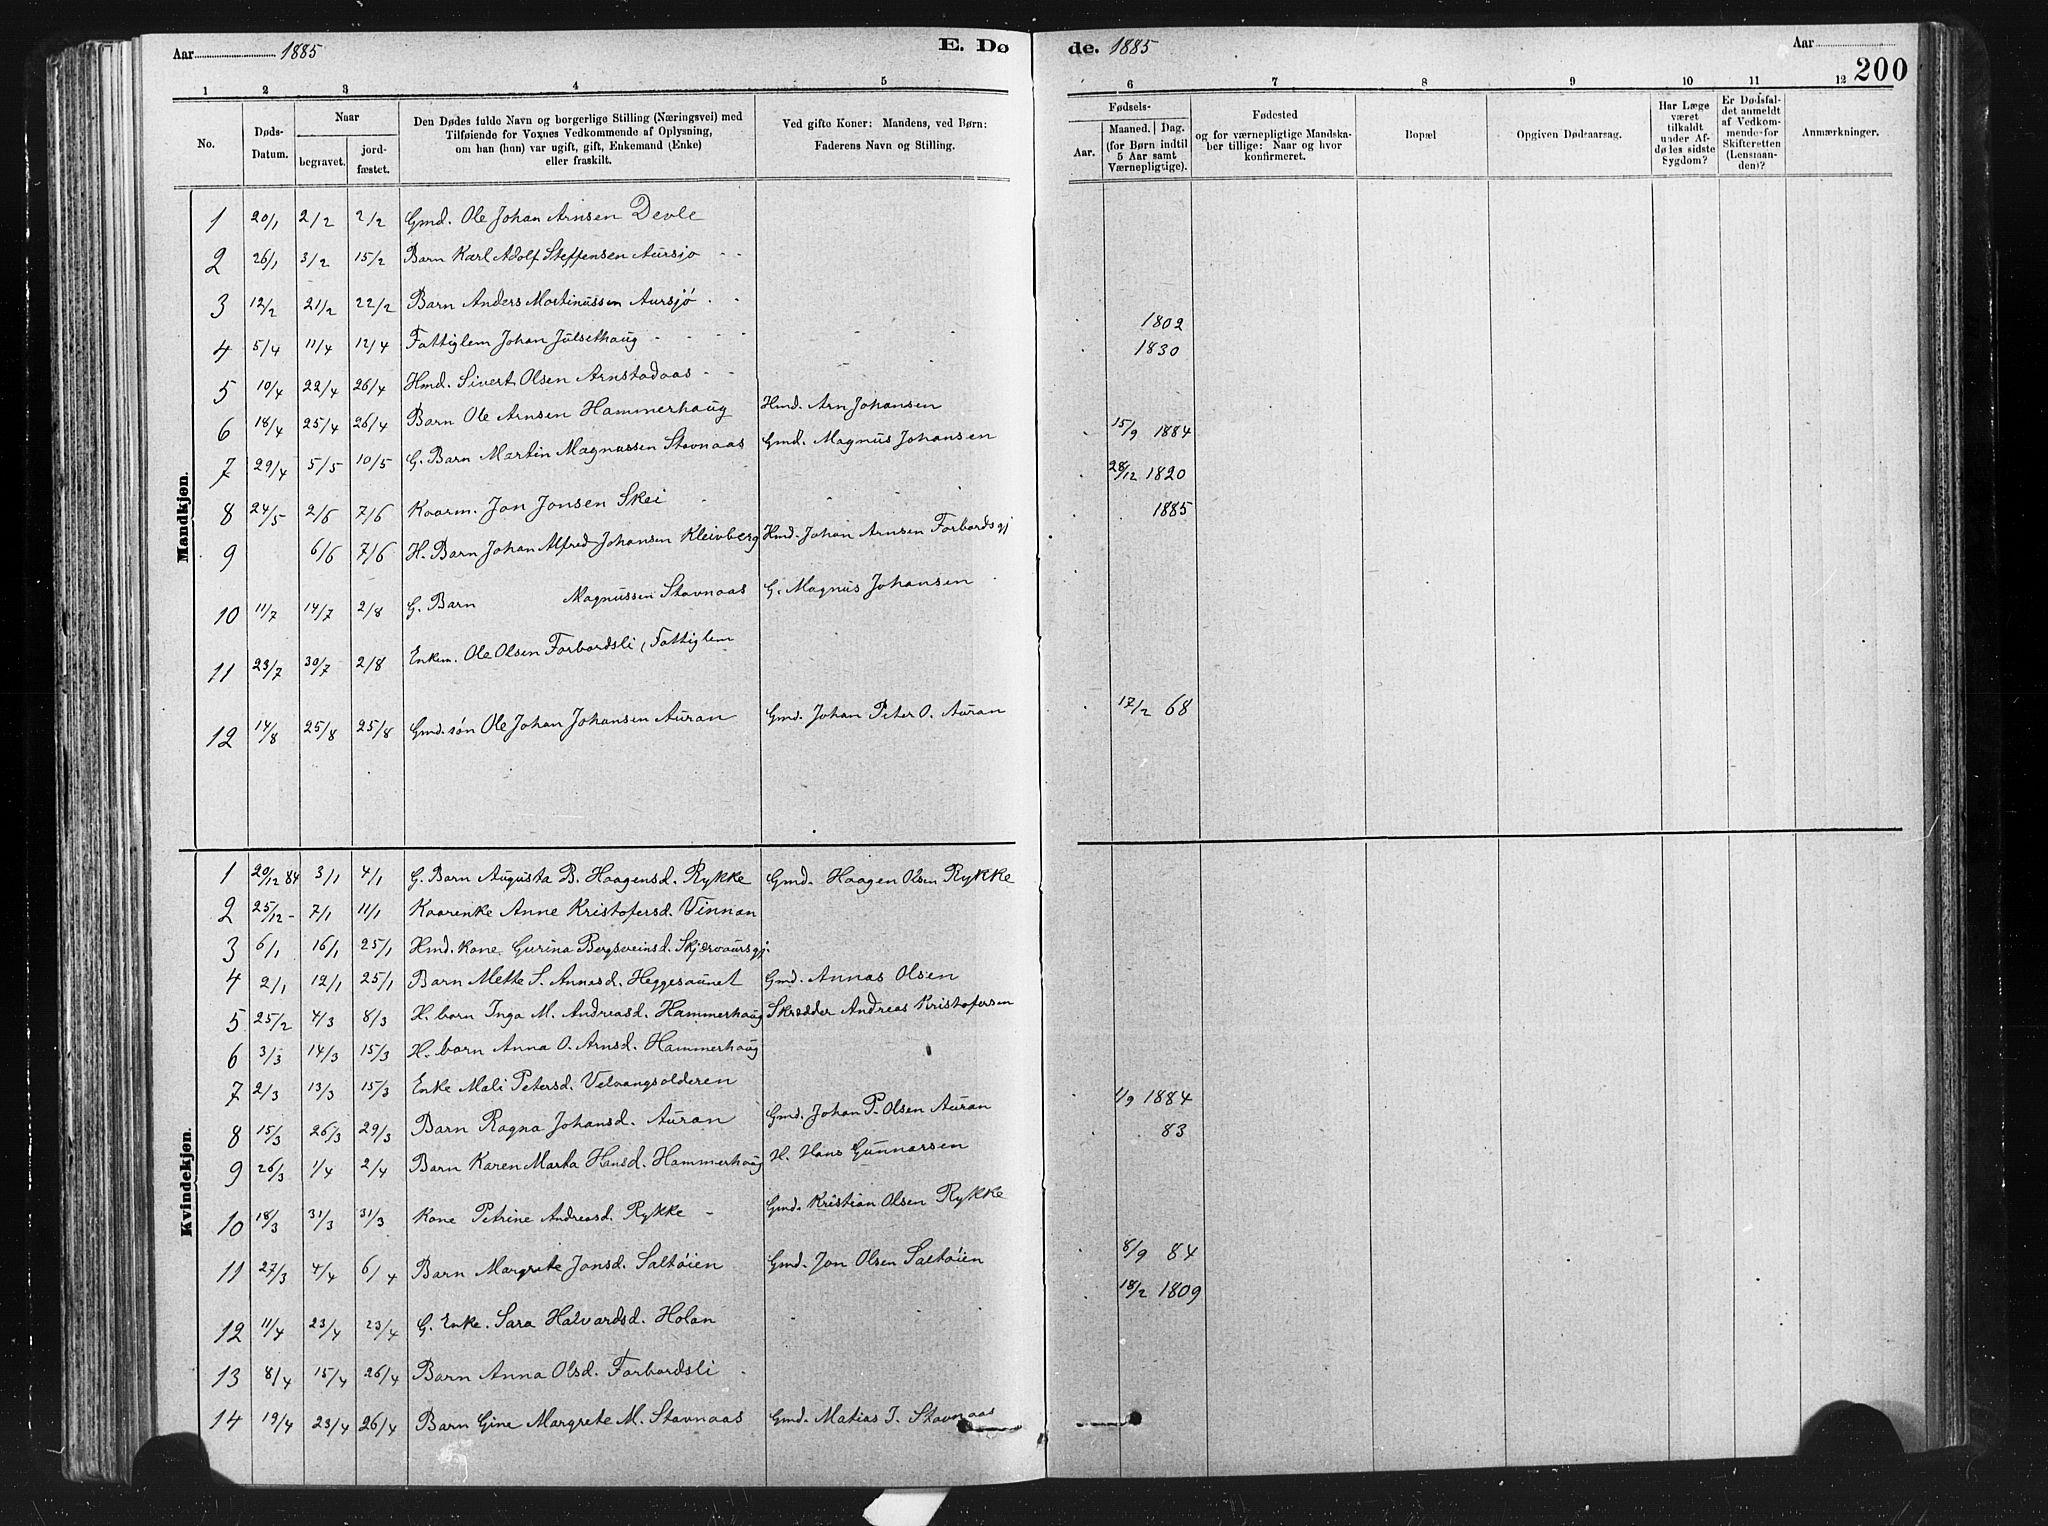 SAT, Ministerialprotokoller, klokkerbøker og fødselsregistre - Nord-Trøndelag, 712/L0103: Klokkerbok nr. 712C01, 1878-1917, s. 200